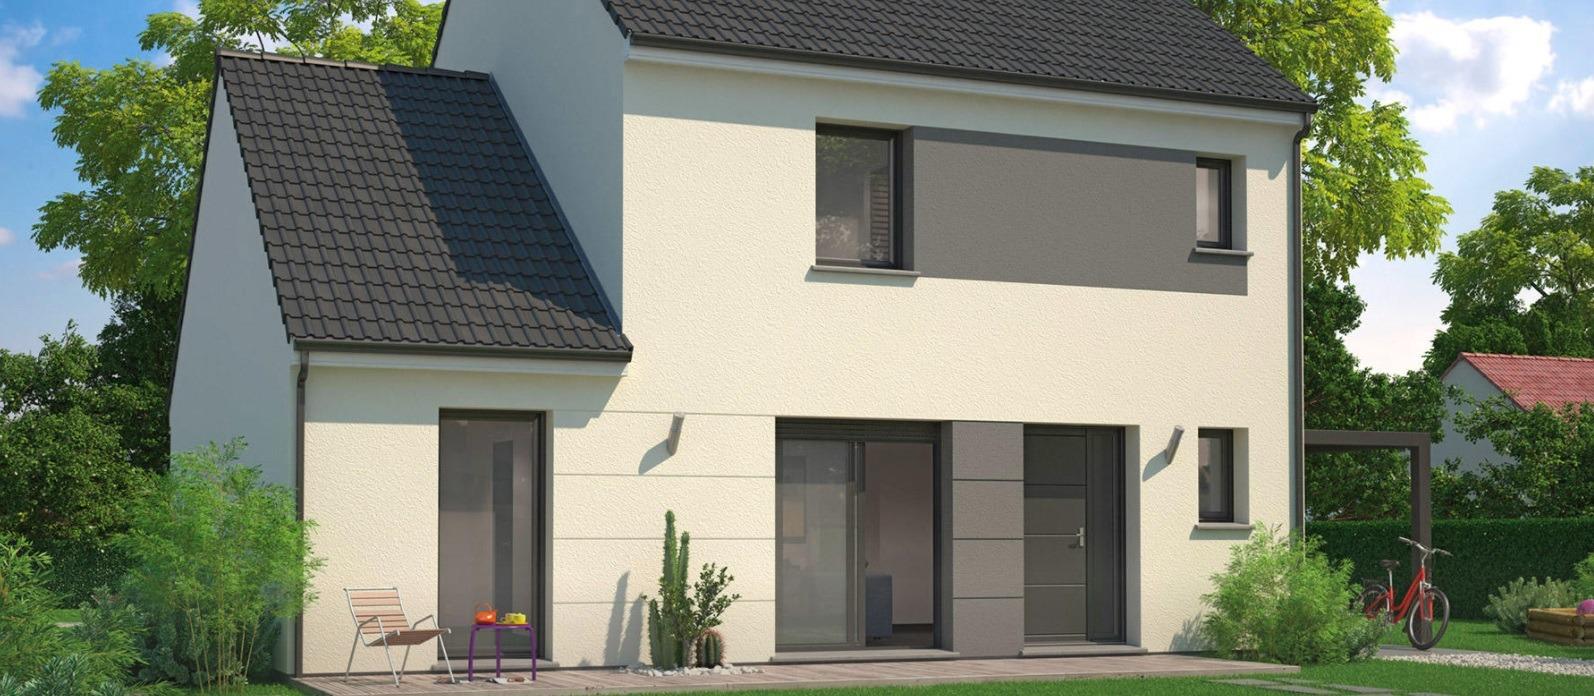 Maisons + Terrains du constructeur MAISONS PHENIX • 106 m² • LESMENILS